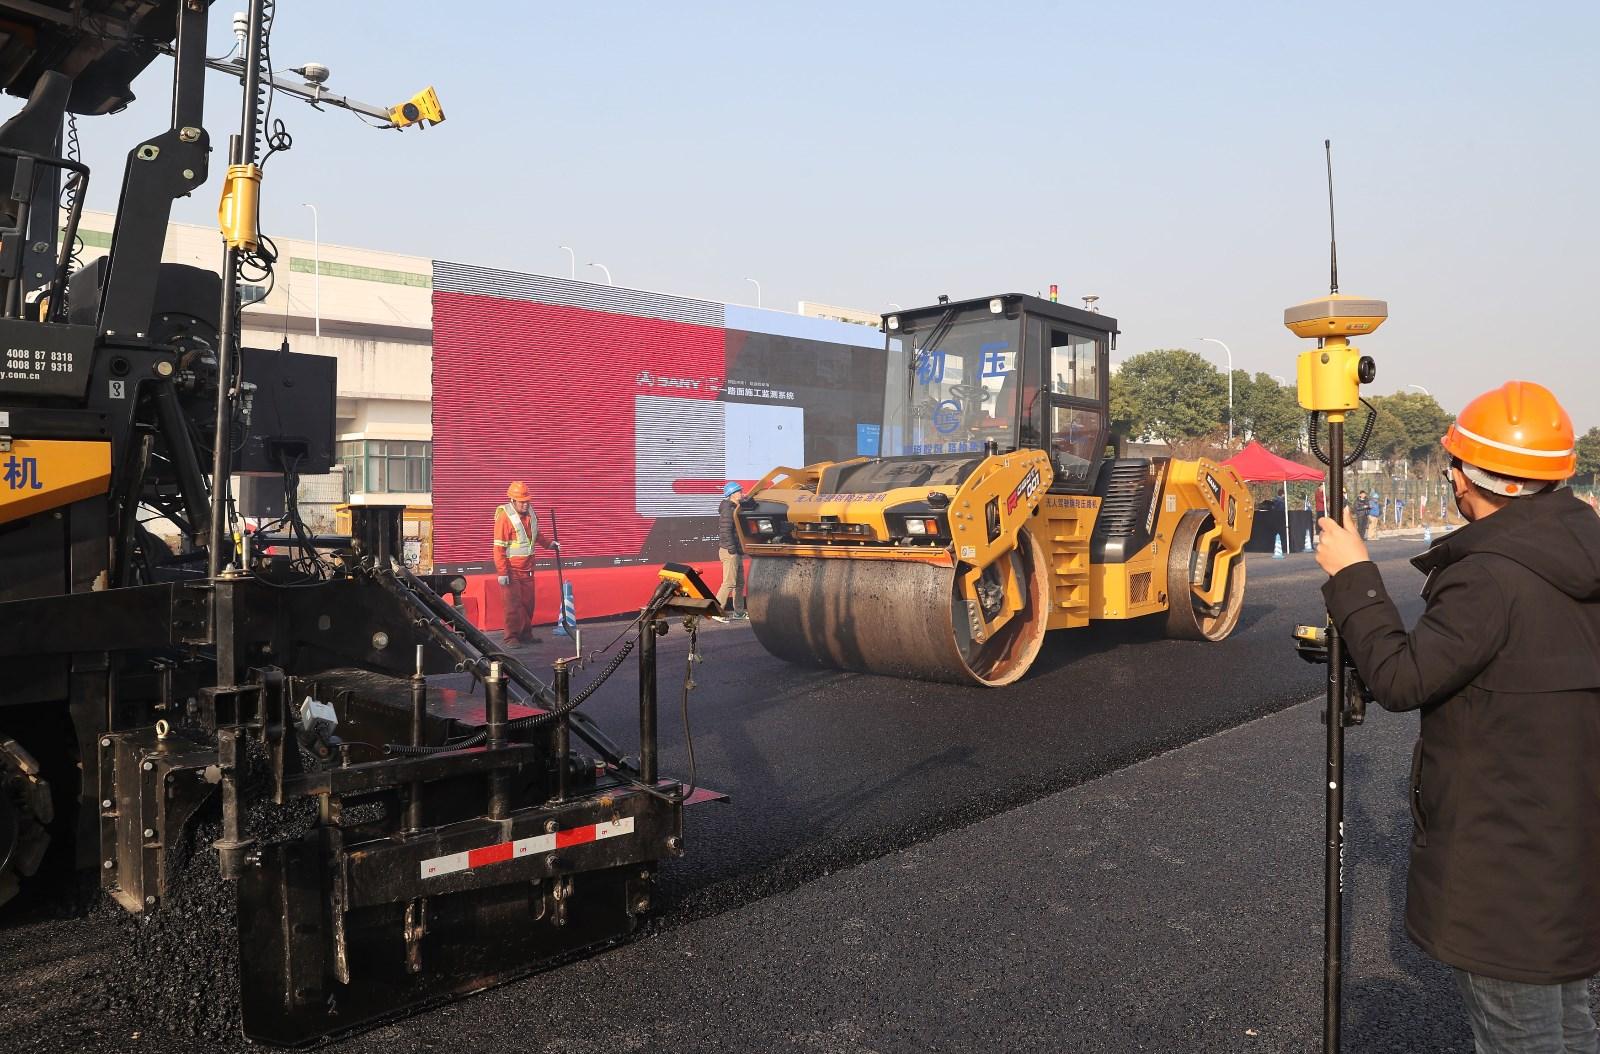 交通部:严肃处理对公路建设从业企业弄虚作假失信行为